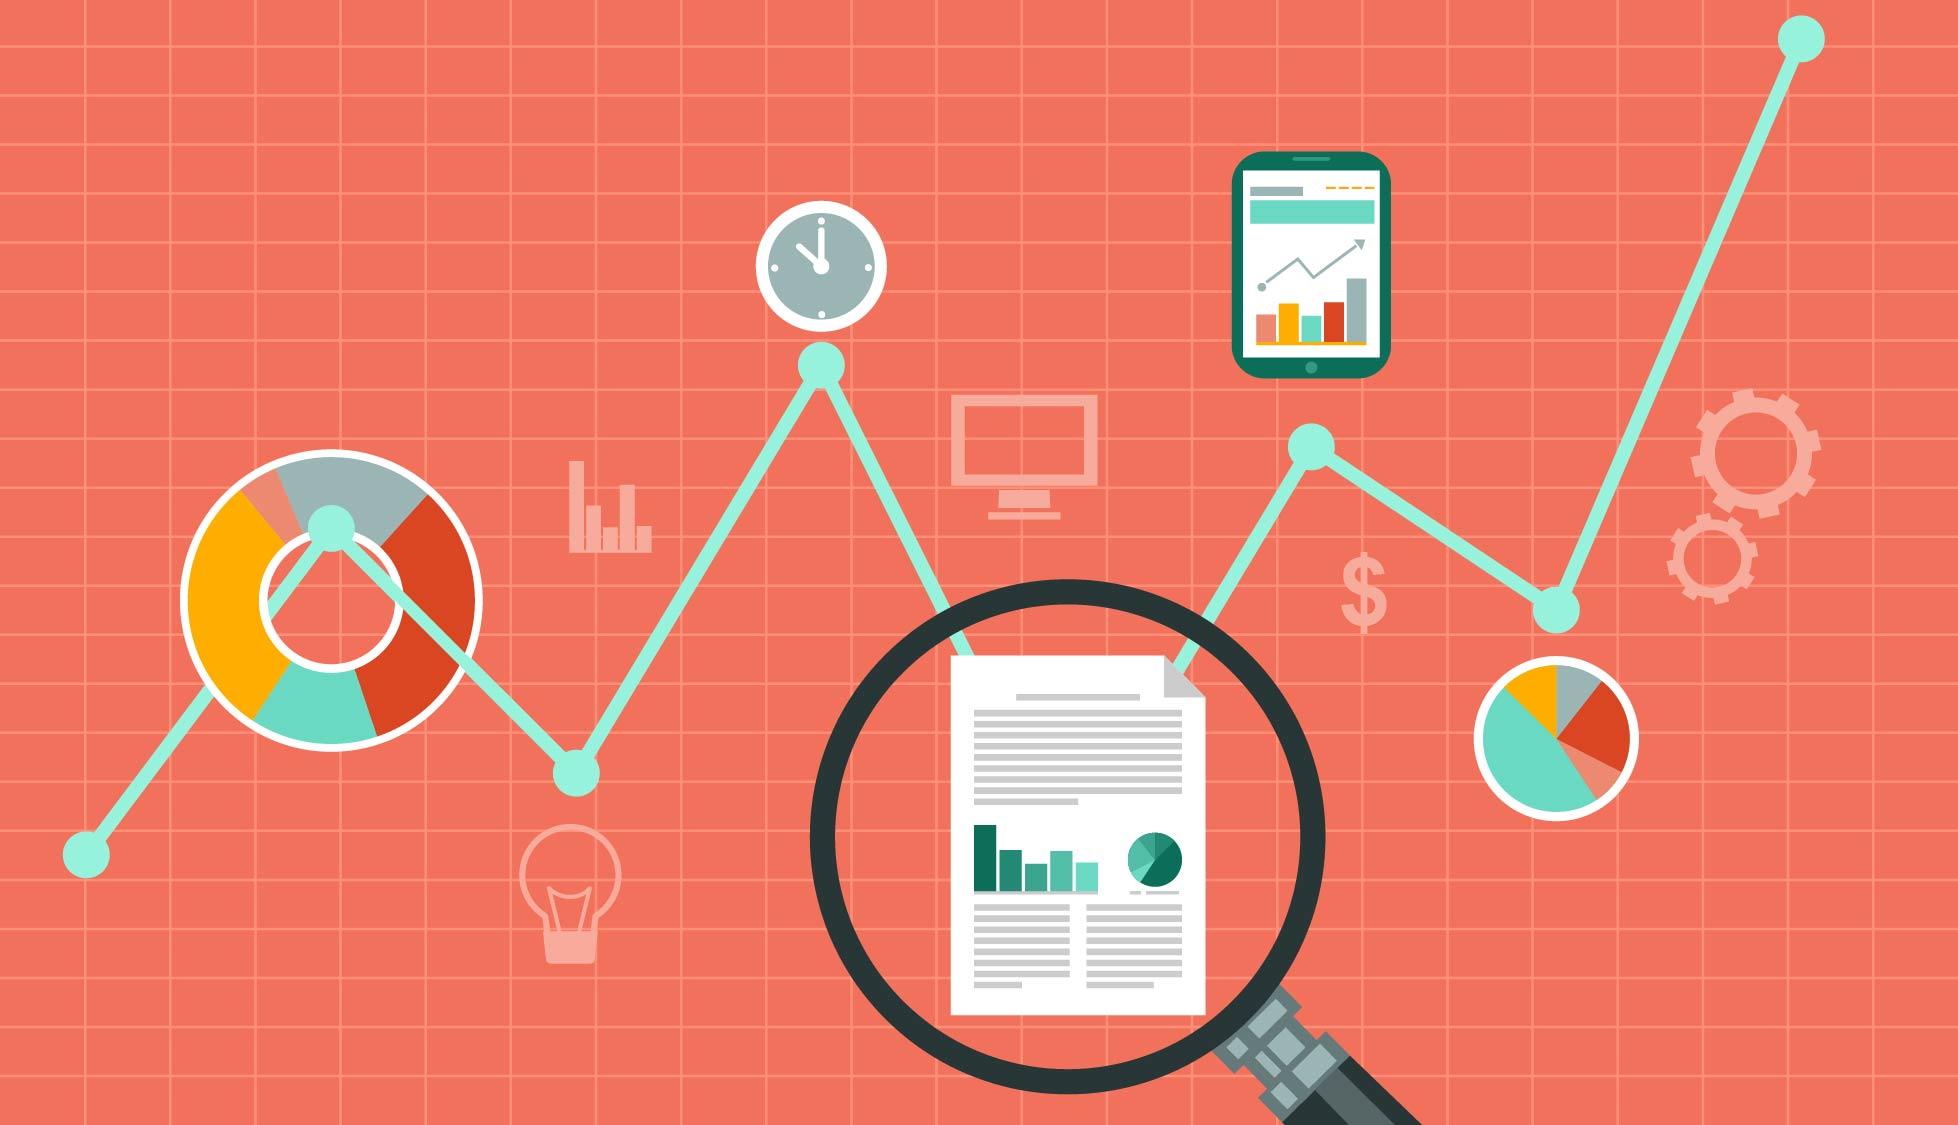 Google Analytics'te Gelişmiş Segmentleri Neden Kullanmalıyız?